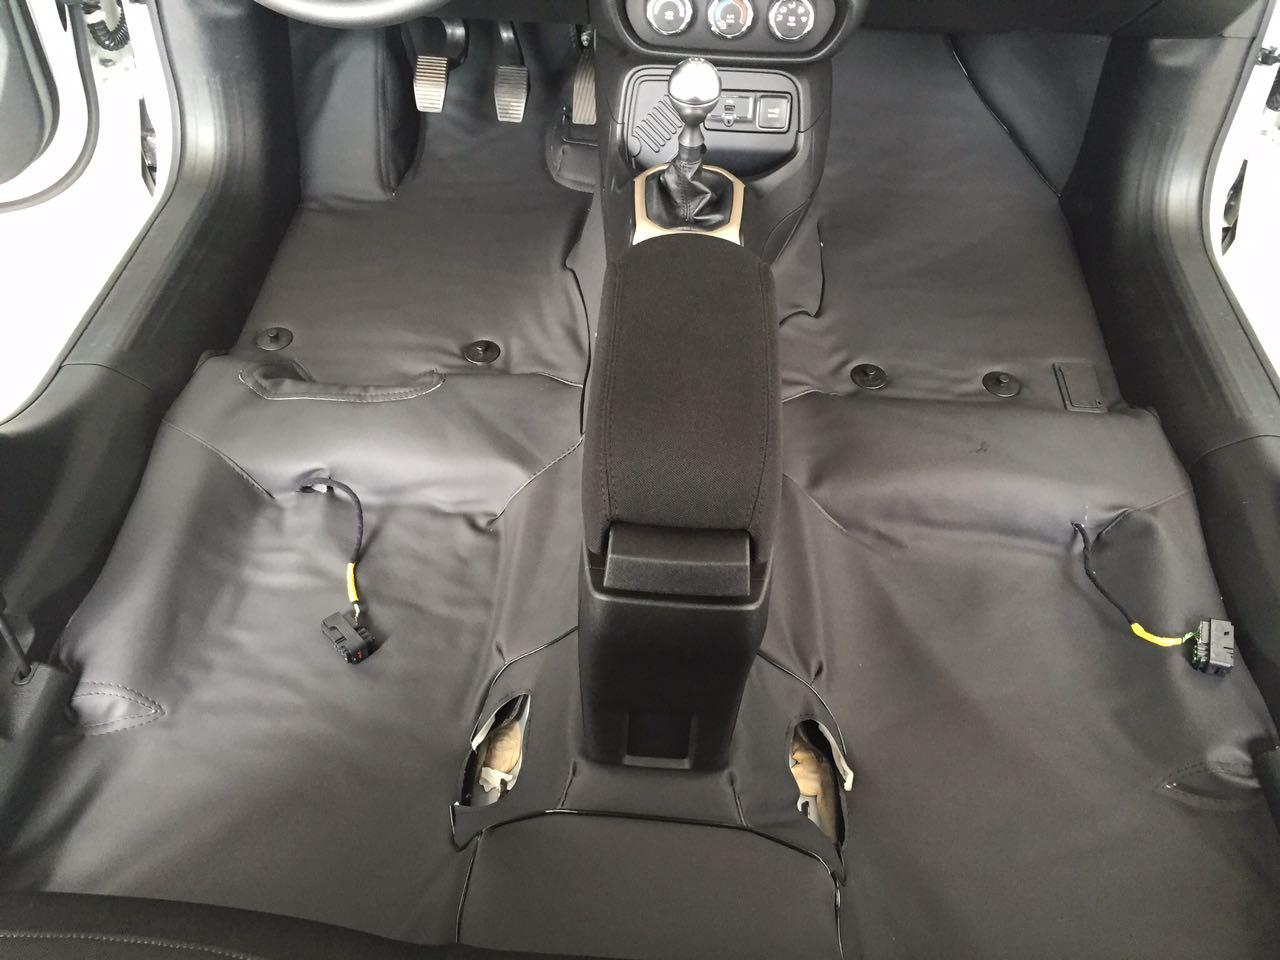 Forro Super Luxo Automotivo Assoalho Para New Civic 2013 a 2016